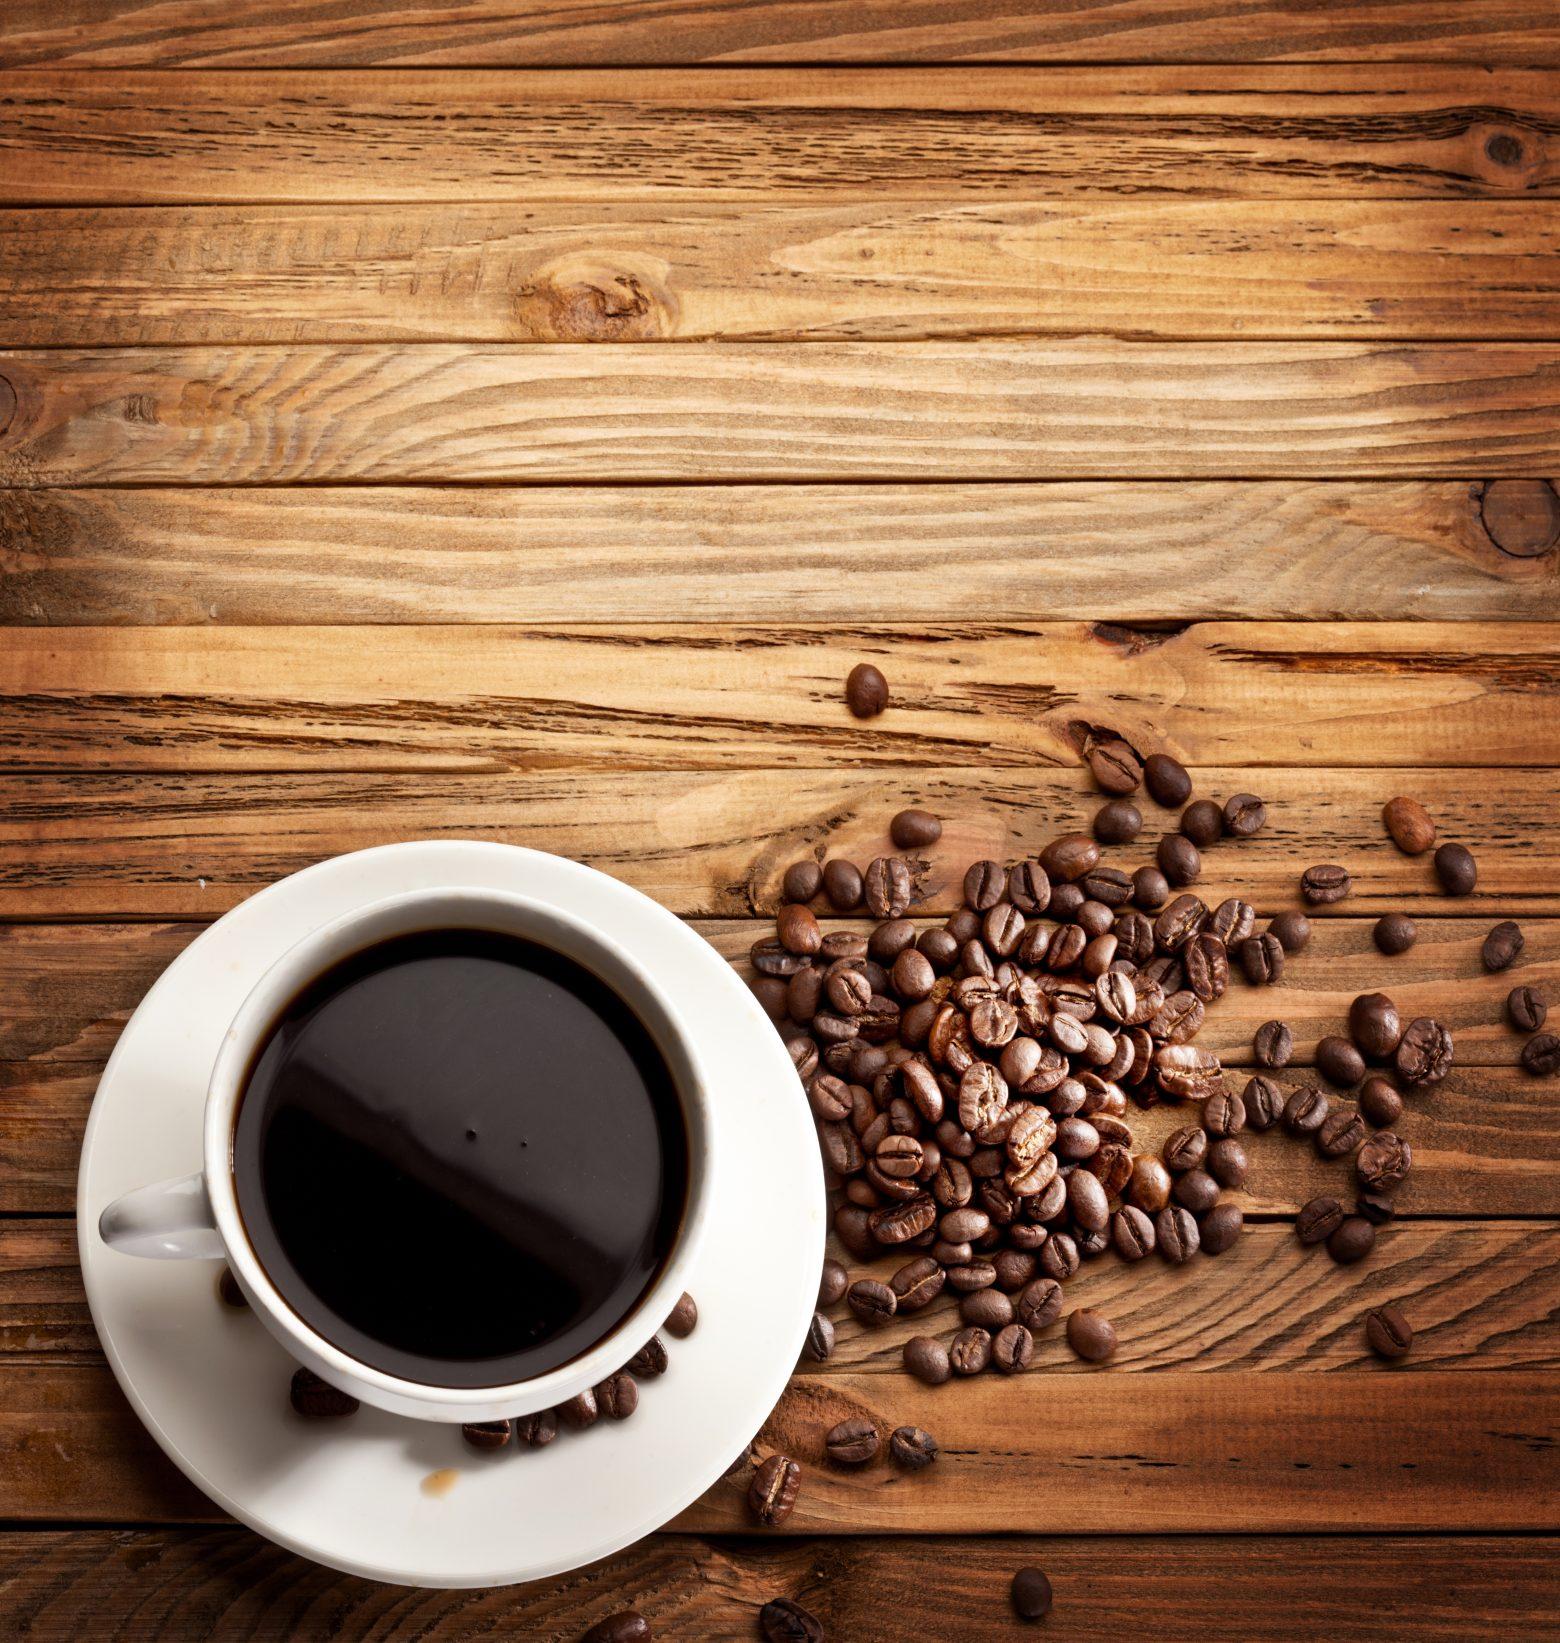 75410191 1560x1643 - دانلود تصویر استوک قهوه کافه فنجان با کیفیت